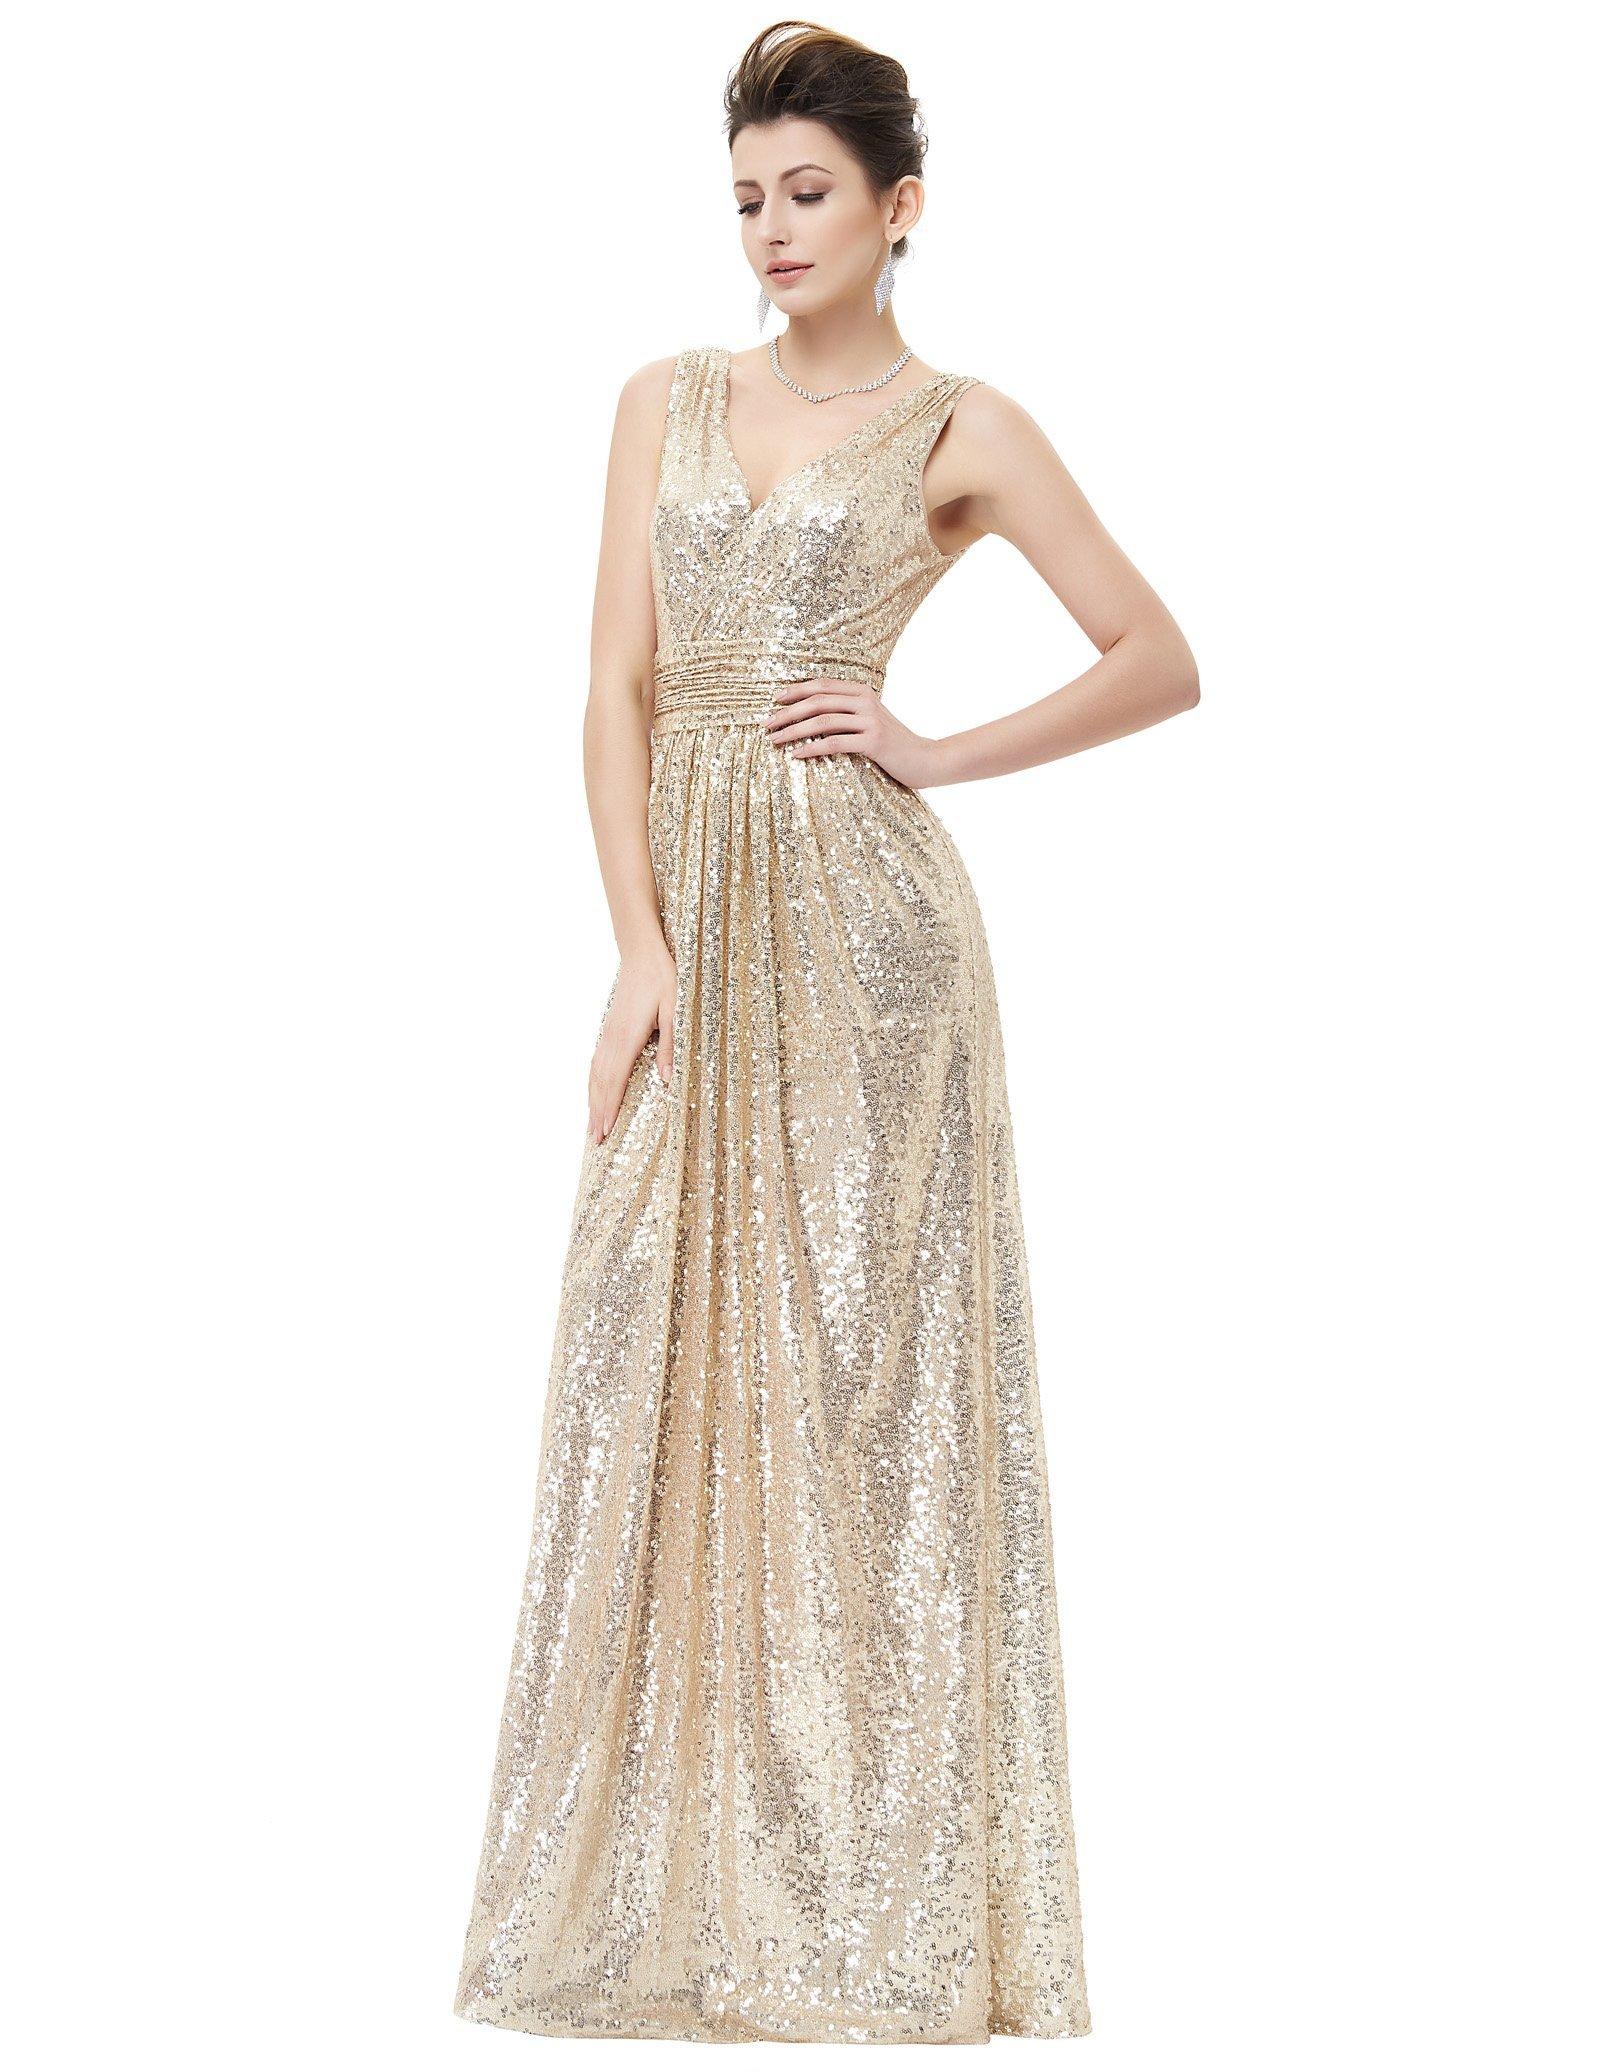 Kate Kasin V Neck Shining Evening Plus Size Prom Dress Light Gold Size 12 KK199 by Kate Kasin (Image #1)